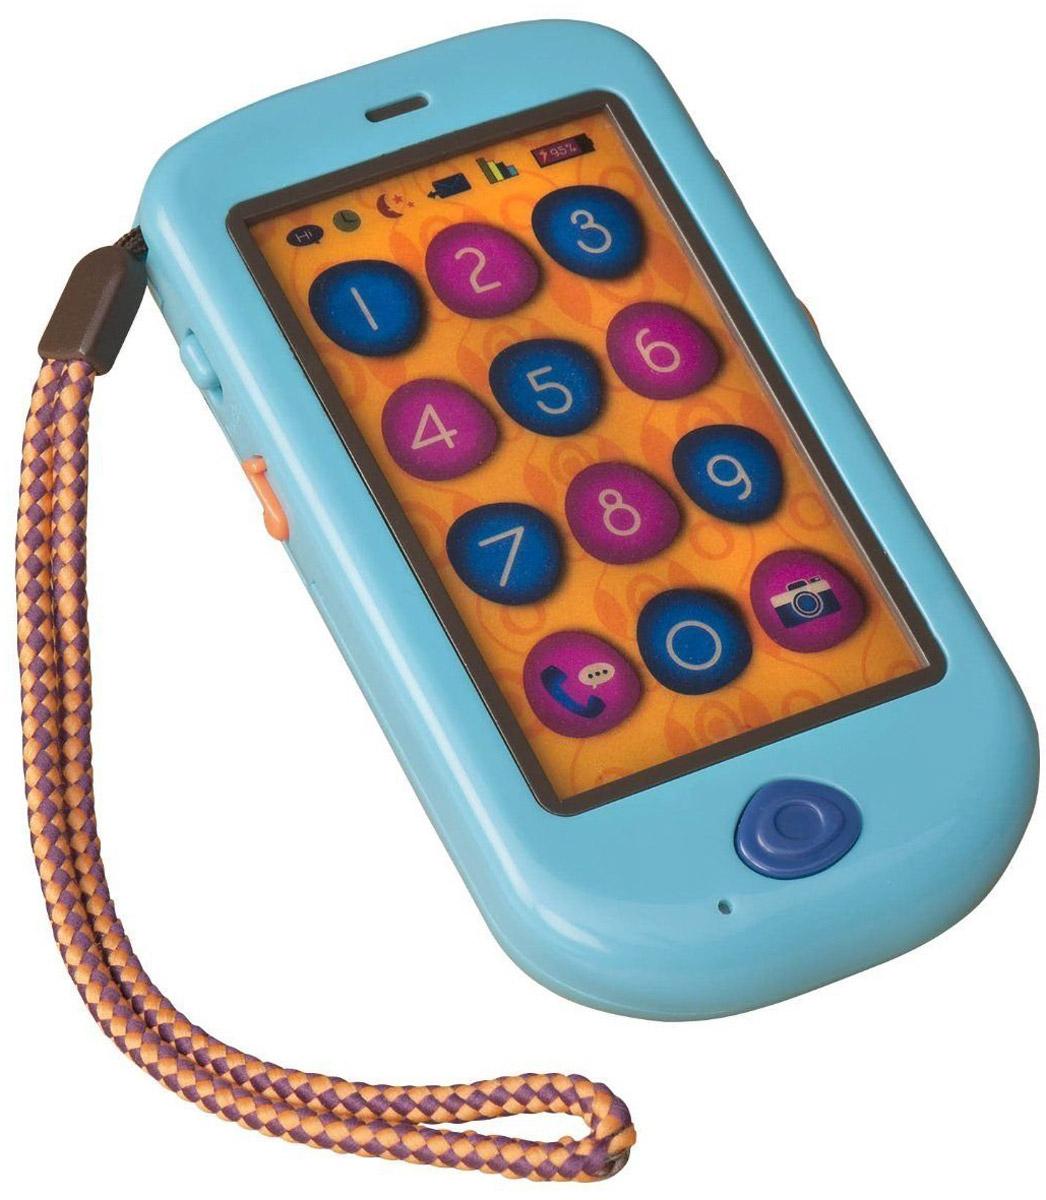 B.Dot Интерактивная игрушка Смартфон где можно телефон недорого смартфон